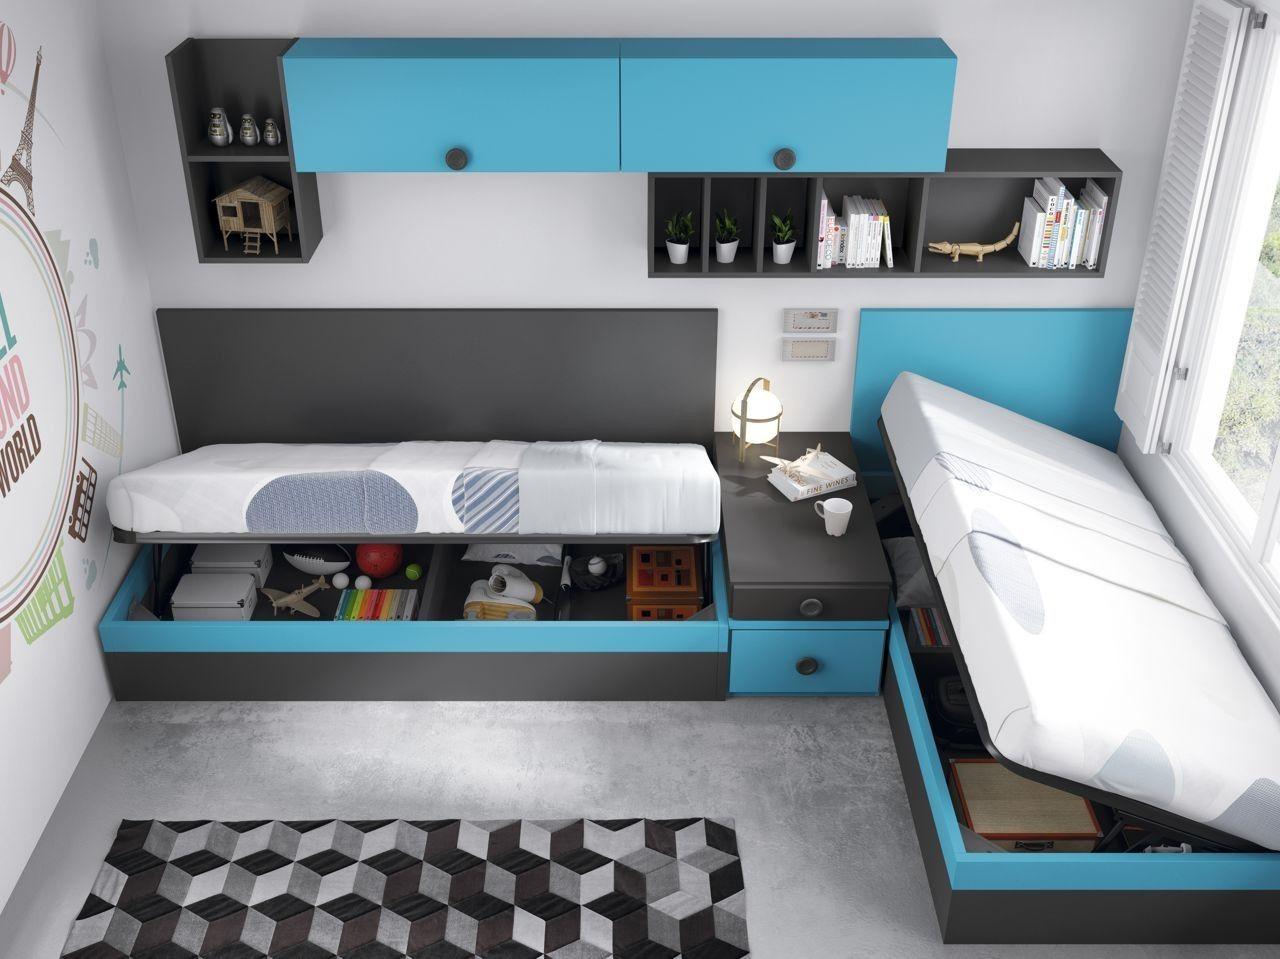 Dormitorios modernos juveniles buscar con google - Como decorar dormitorios juveniles ...